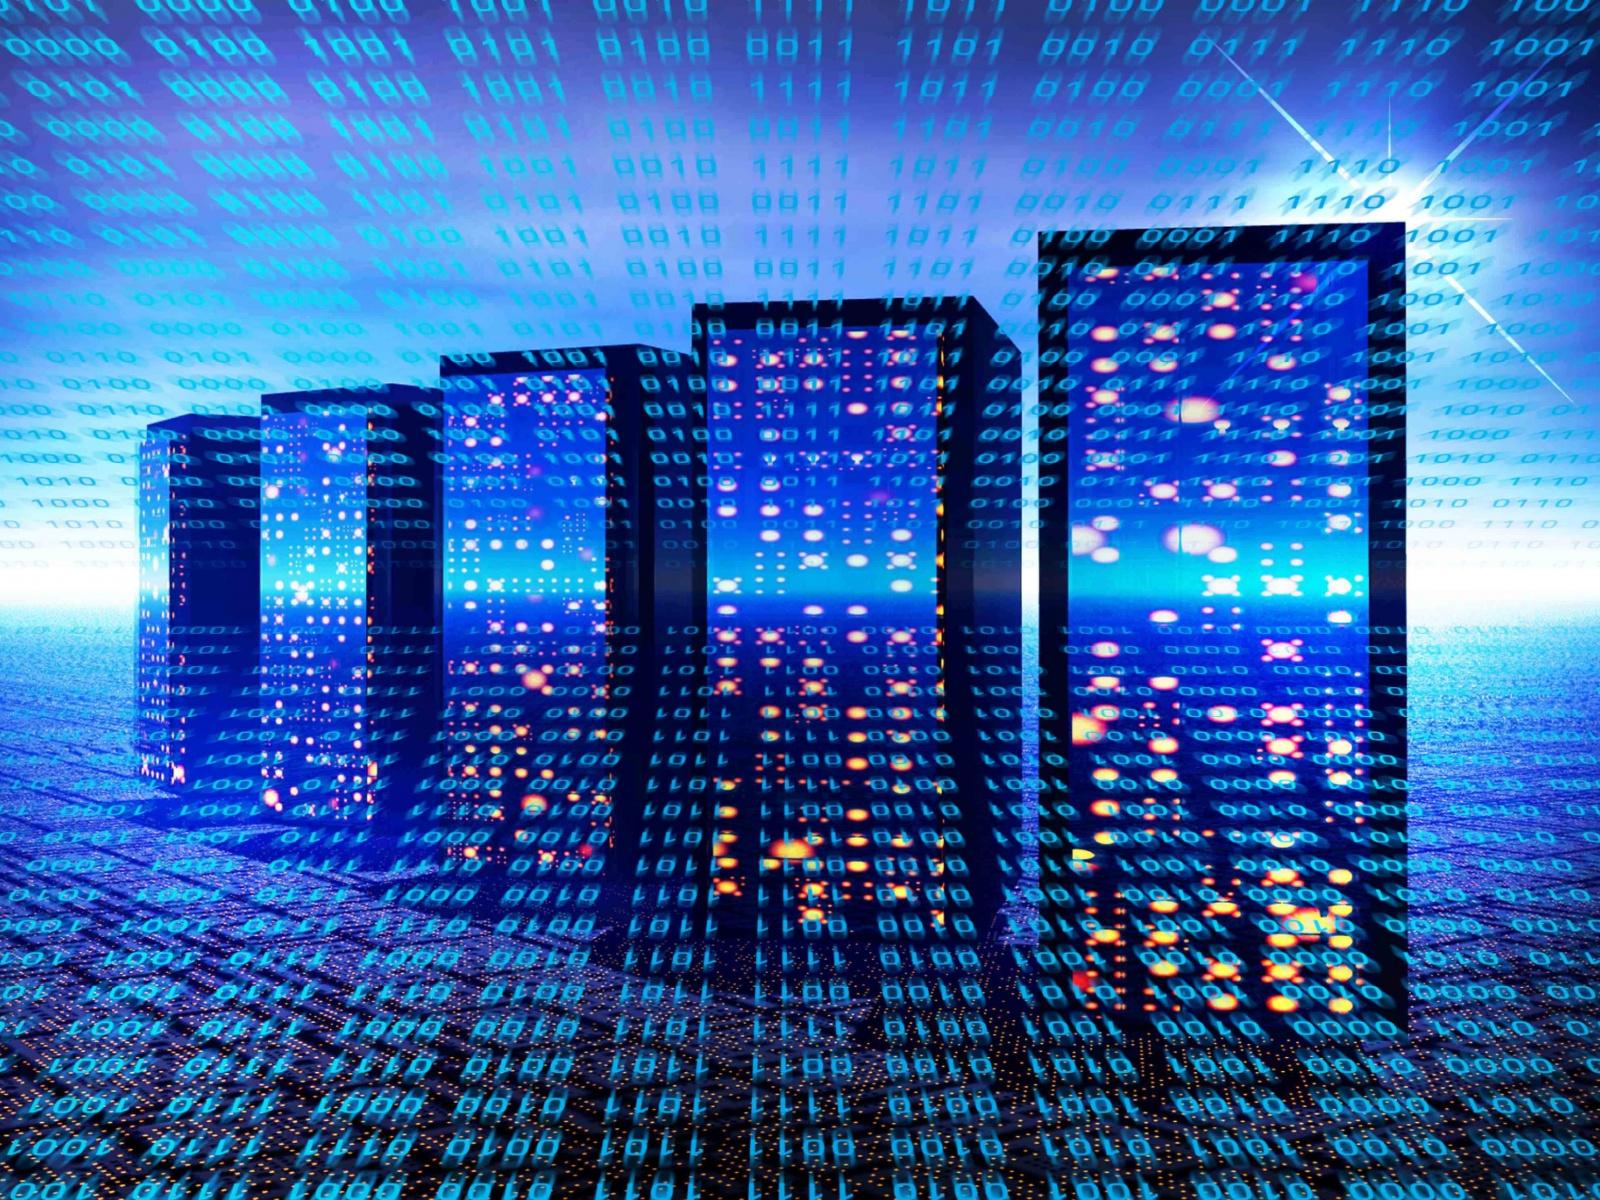 第116話|なぜ今、データサイエンスが必要なのか?